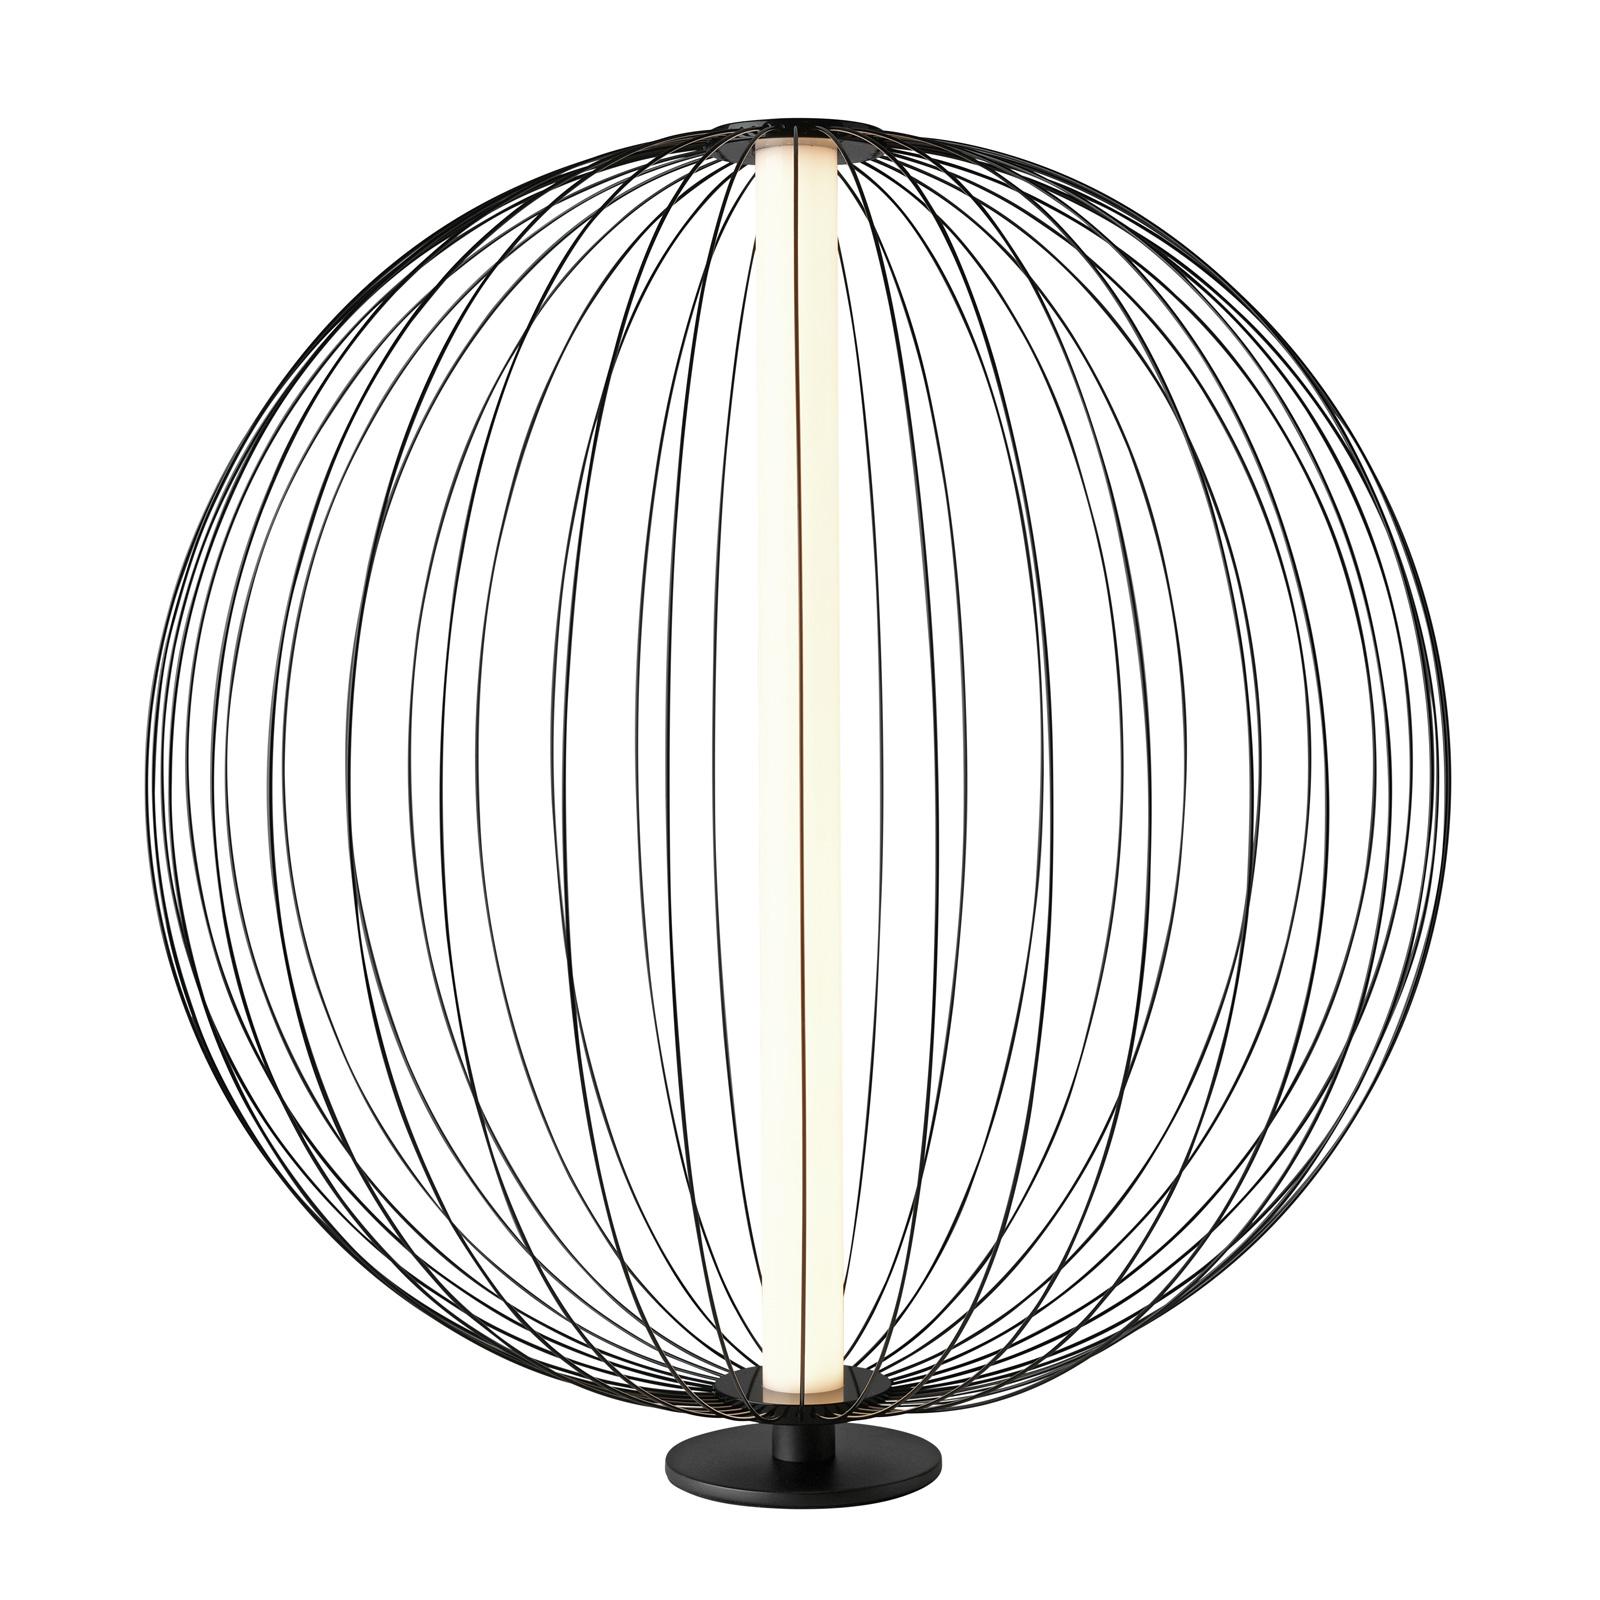 LED-Tischlampe Atomic, Schirm veränderbar